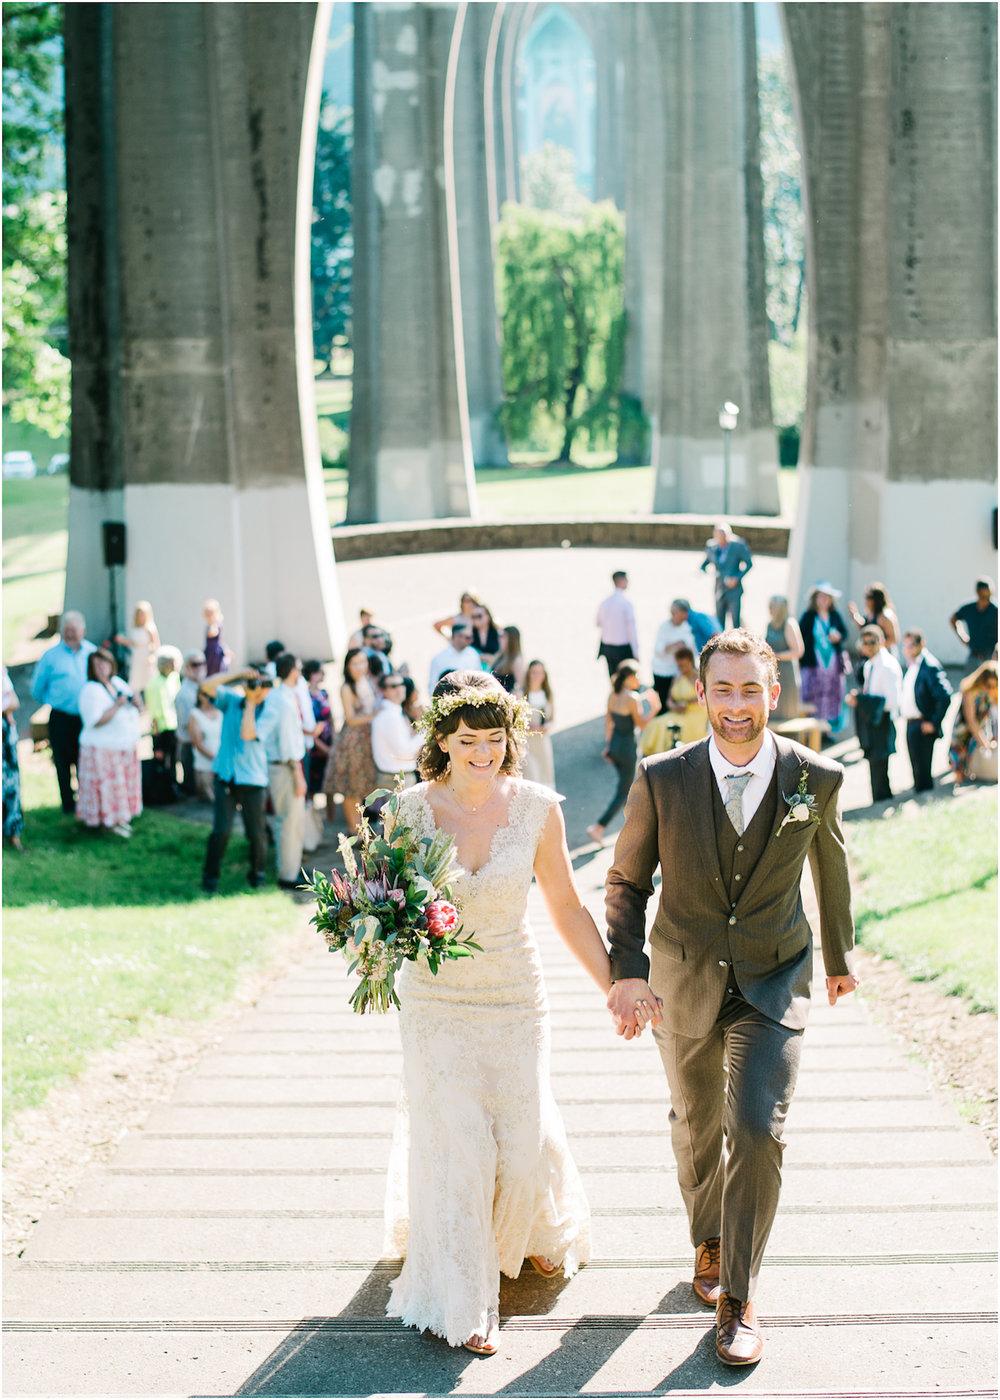 cathedral-park-portland-wedding-061a.jpg